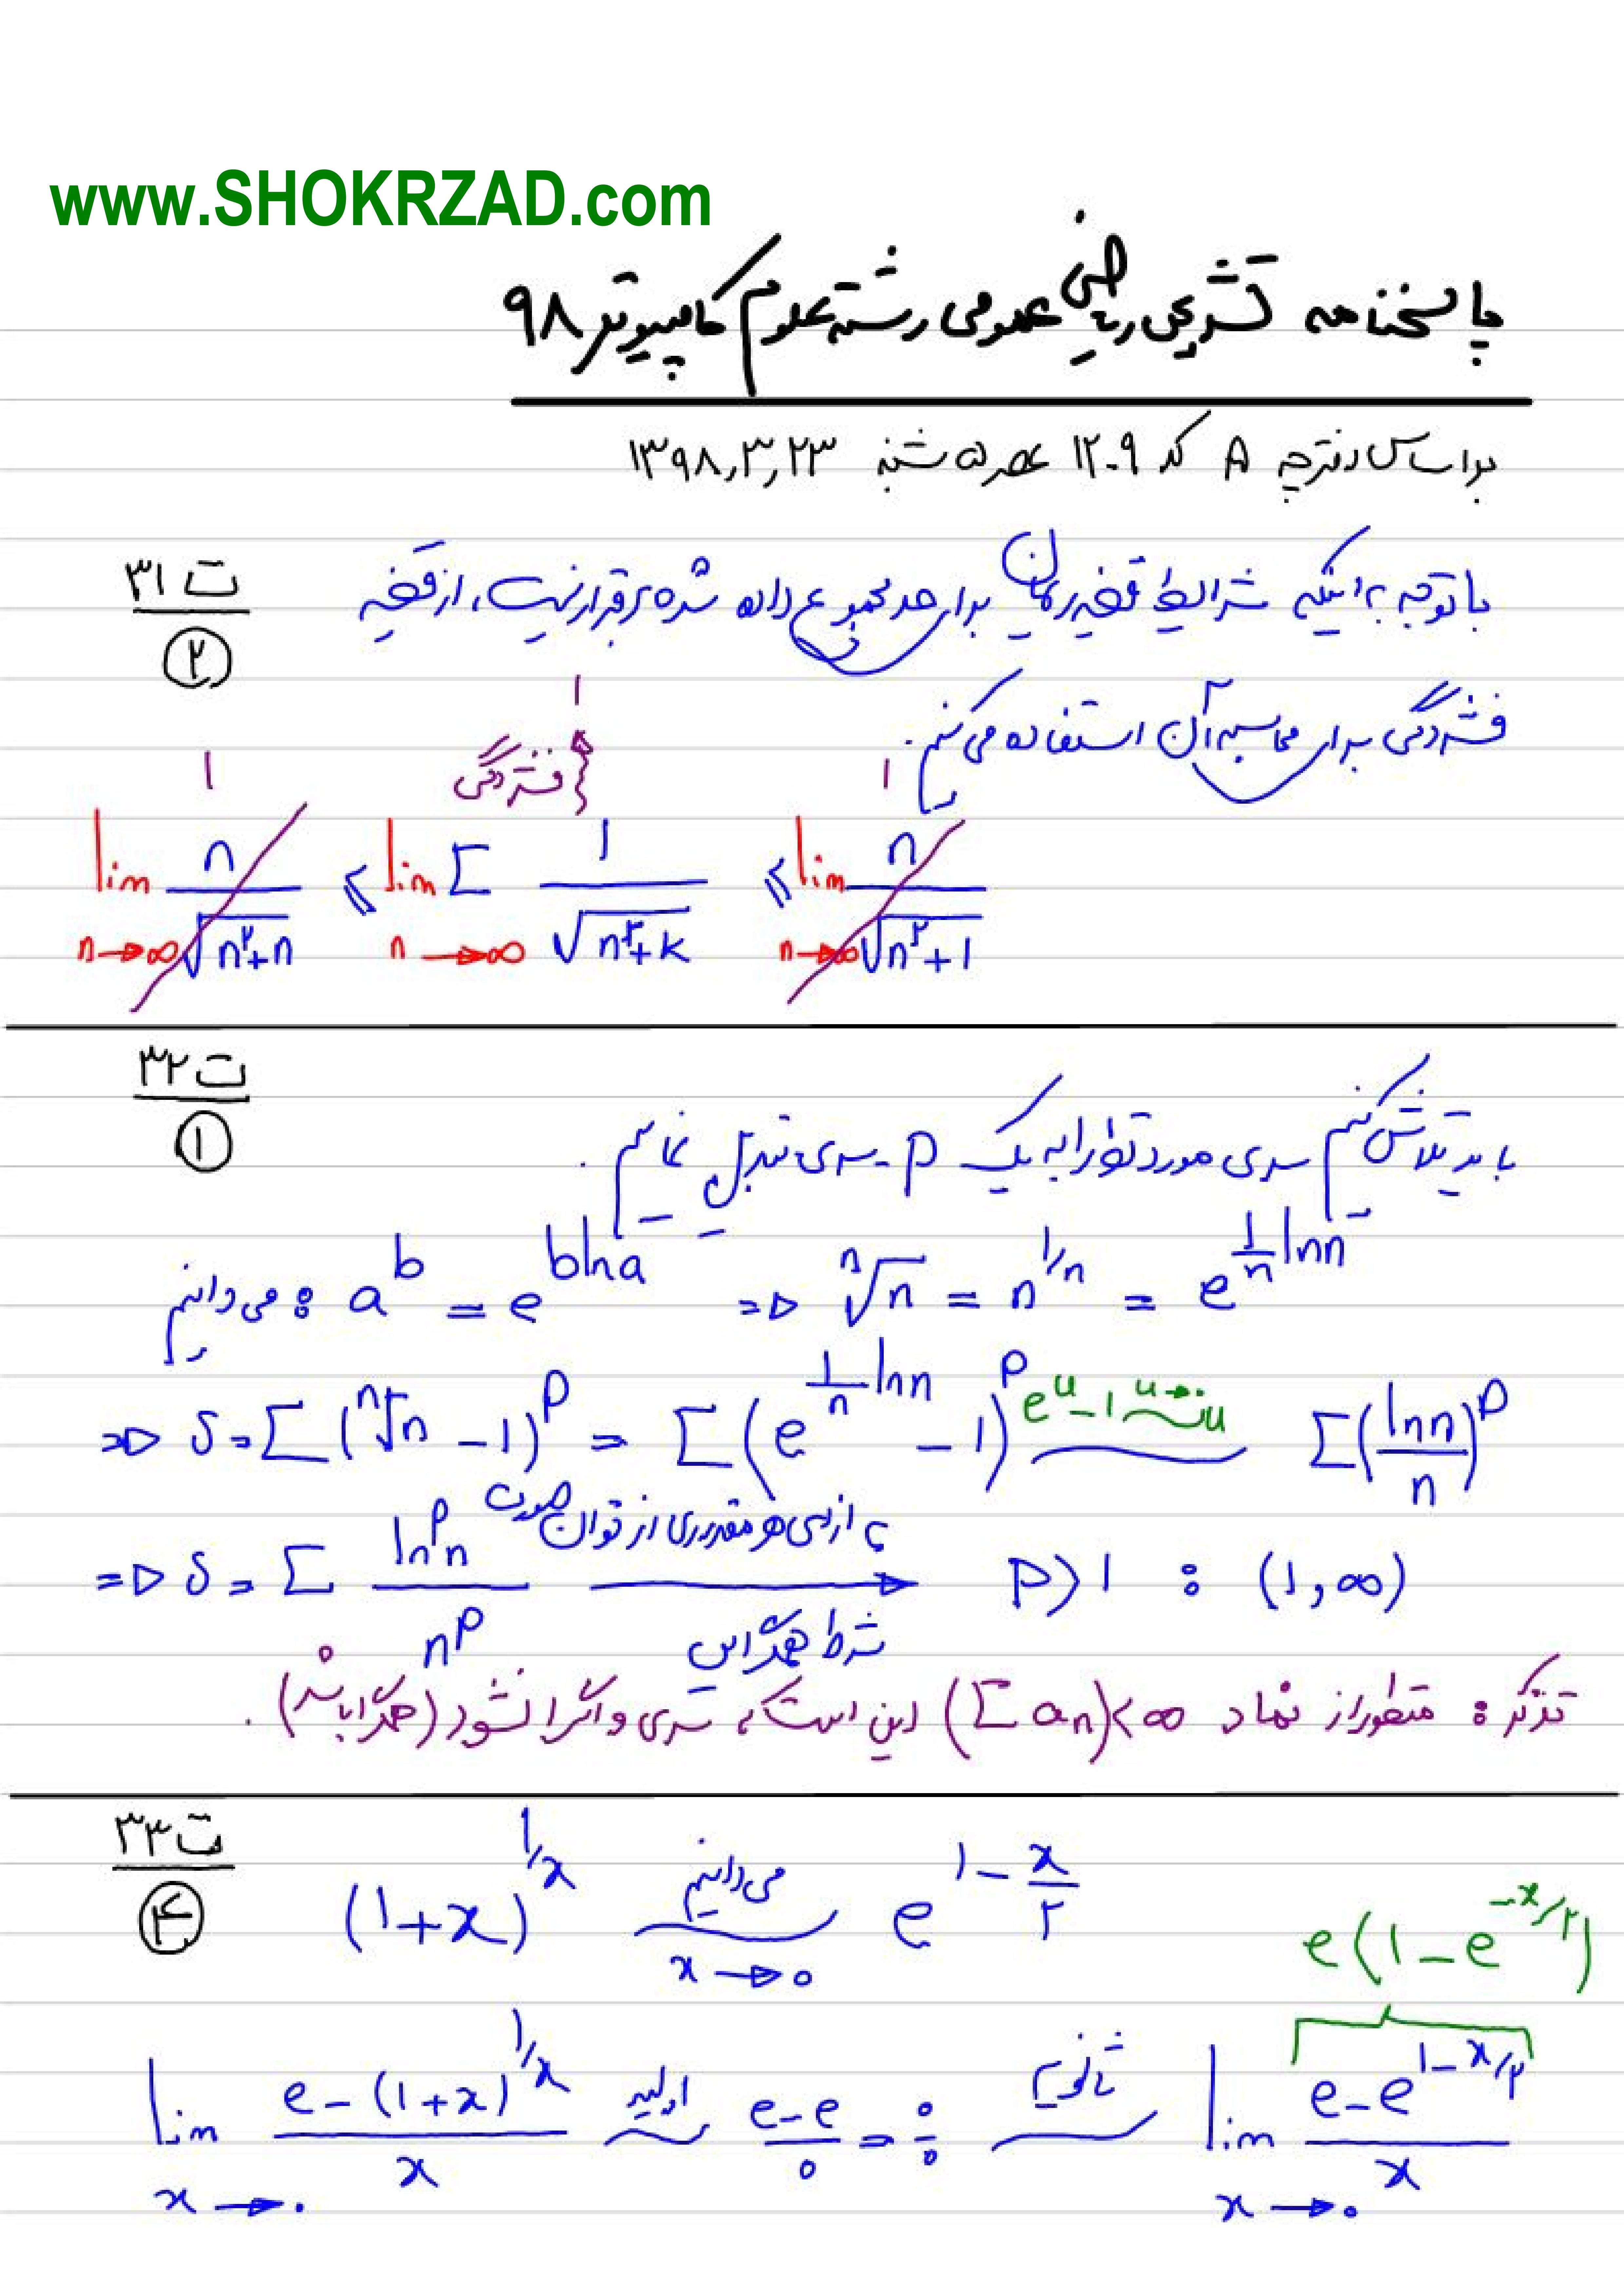 پاسخ تشریحی سوالات ریاضی عمومی رشته علوم کامپیوتر ارشد 98